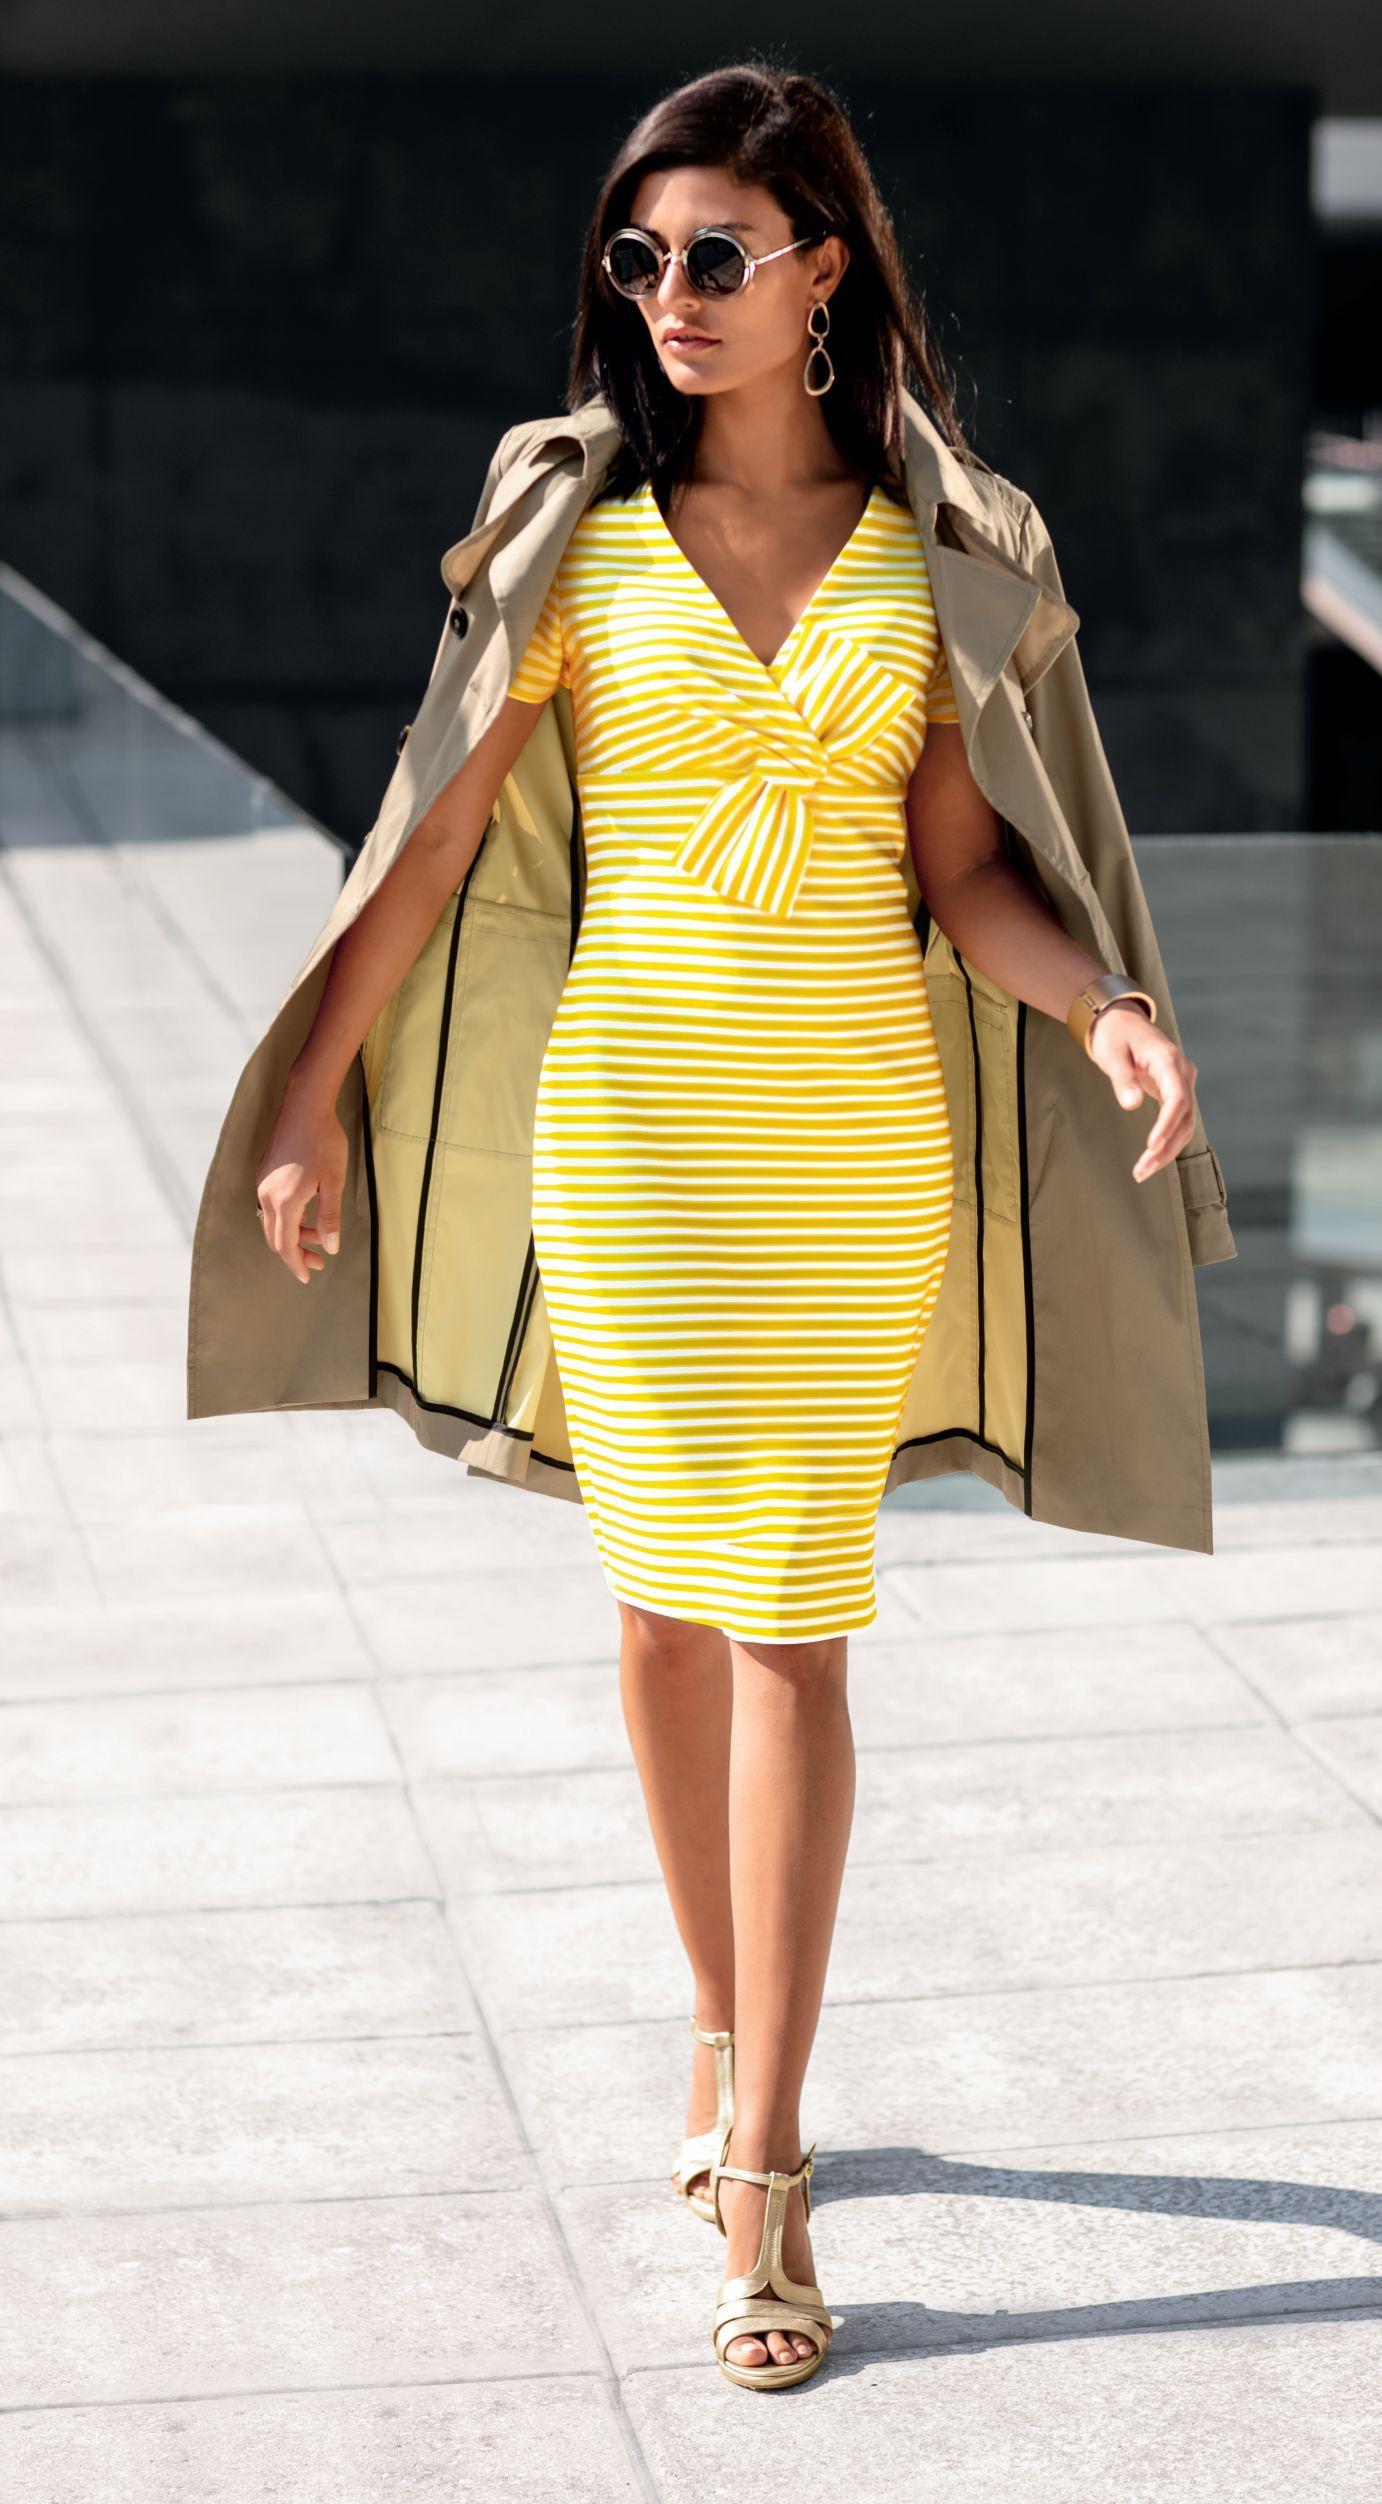 Streifenkleid l MADELEINE Mode  Gestreiftes kleid, Kleider, Mode